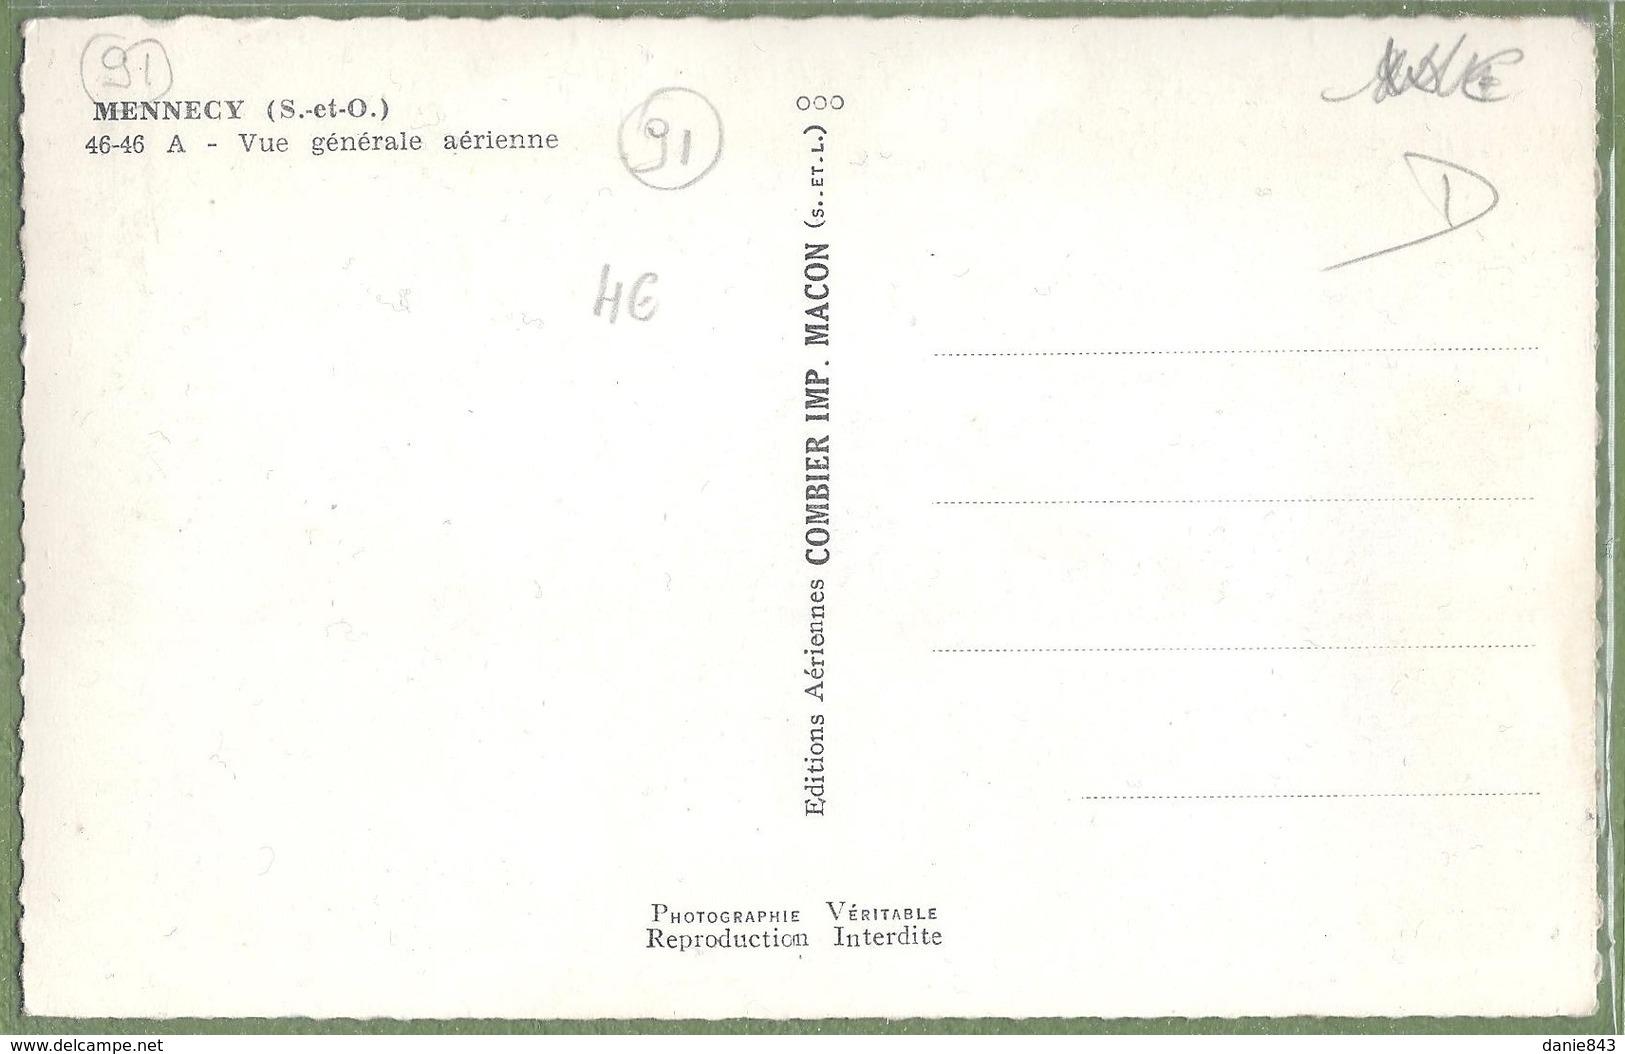 CPSM - ESSONNE - MENNECY - VUE GÉNÉRALE AERIENNE - CIM / 46-46 A - Mennecy